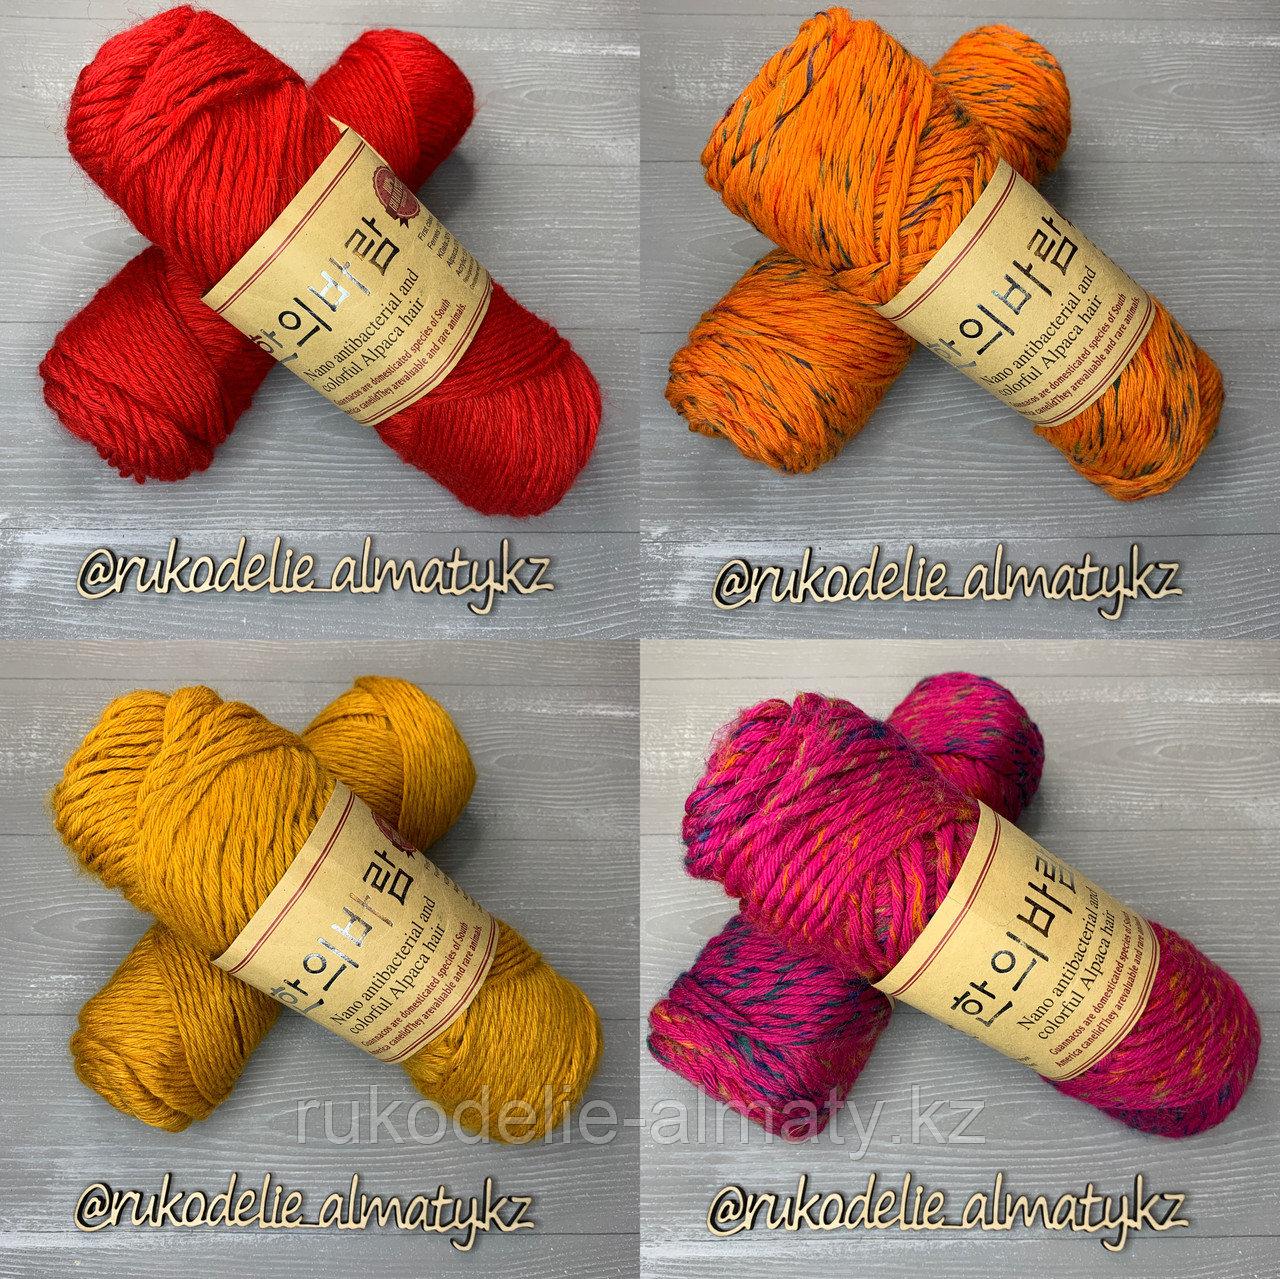 """Пряжа для ручного вязания """"NANO """", 100 гр, цвет-светло-серый оранжевый - фото 2"""